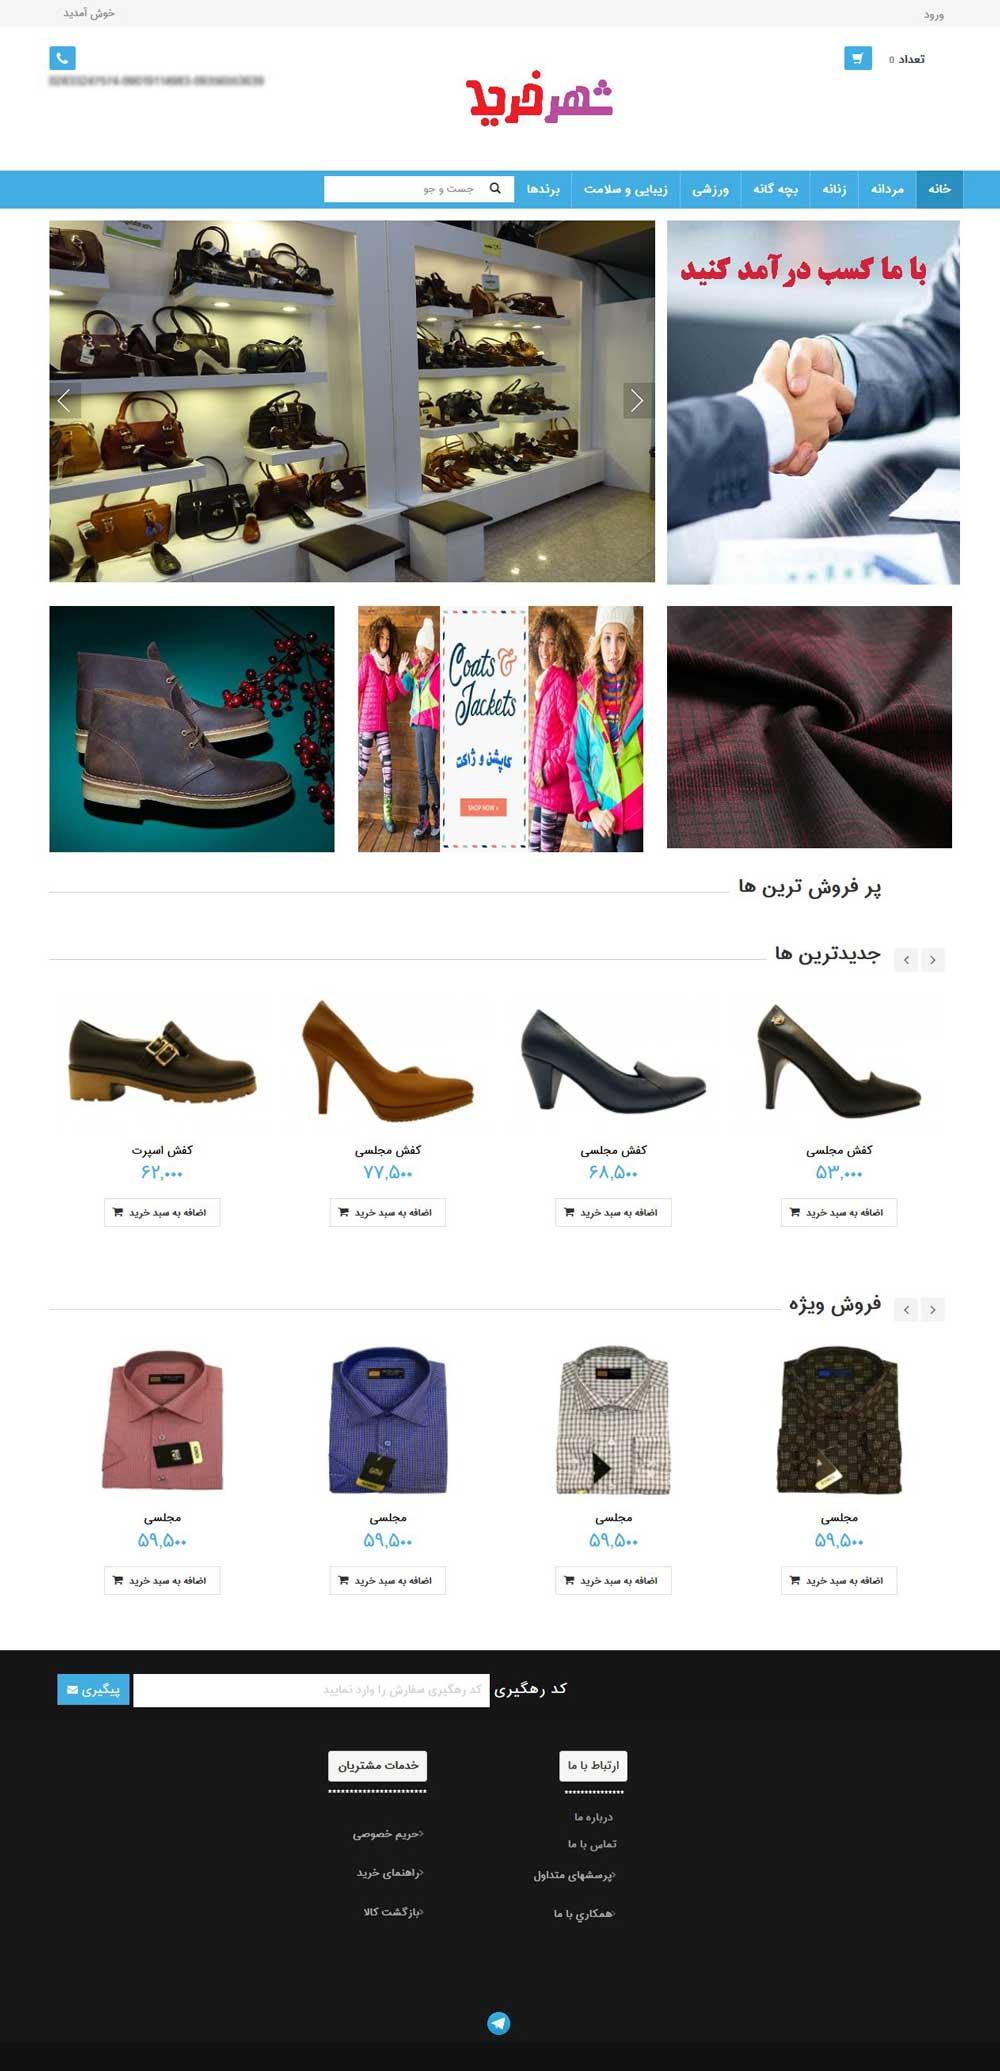 ساخت اپلیکیشن و وب سایت فروشگاه اینترنتی پوشاک و کفش